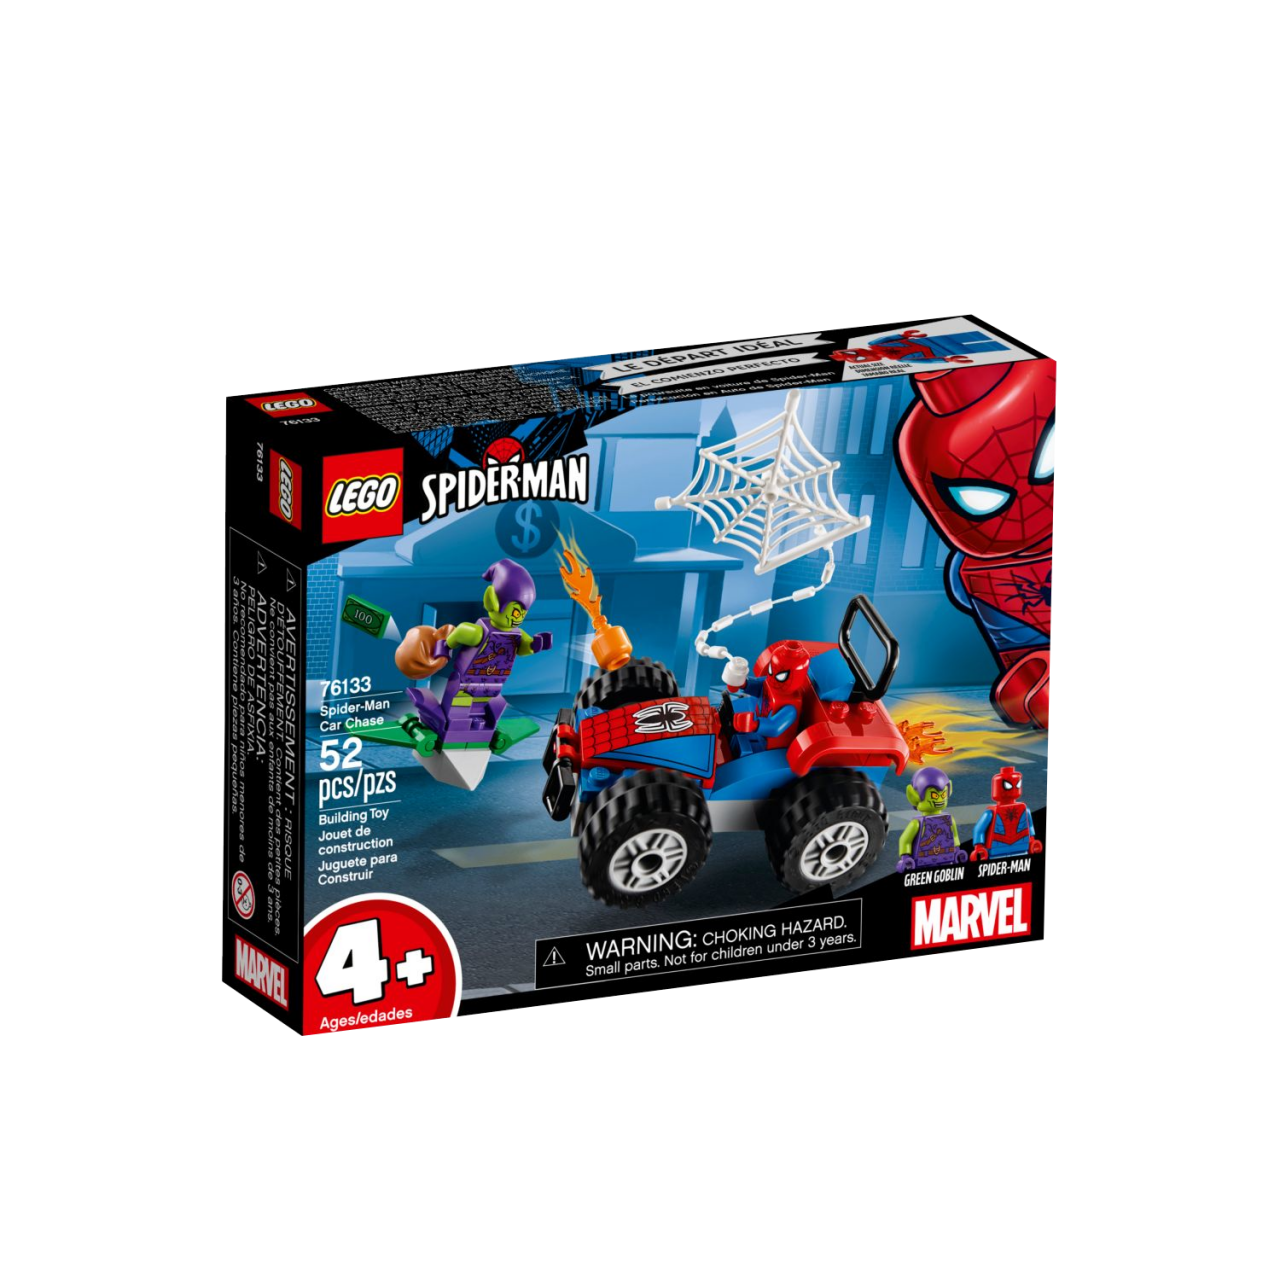 LEGO MARVEL SUPER HEROES 76133 Spider-Man Verfolgungsjagd